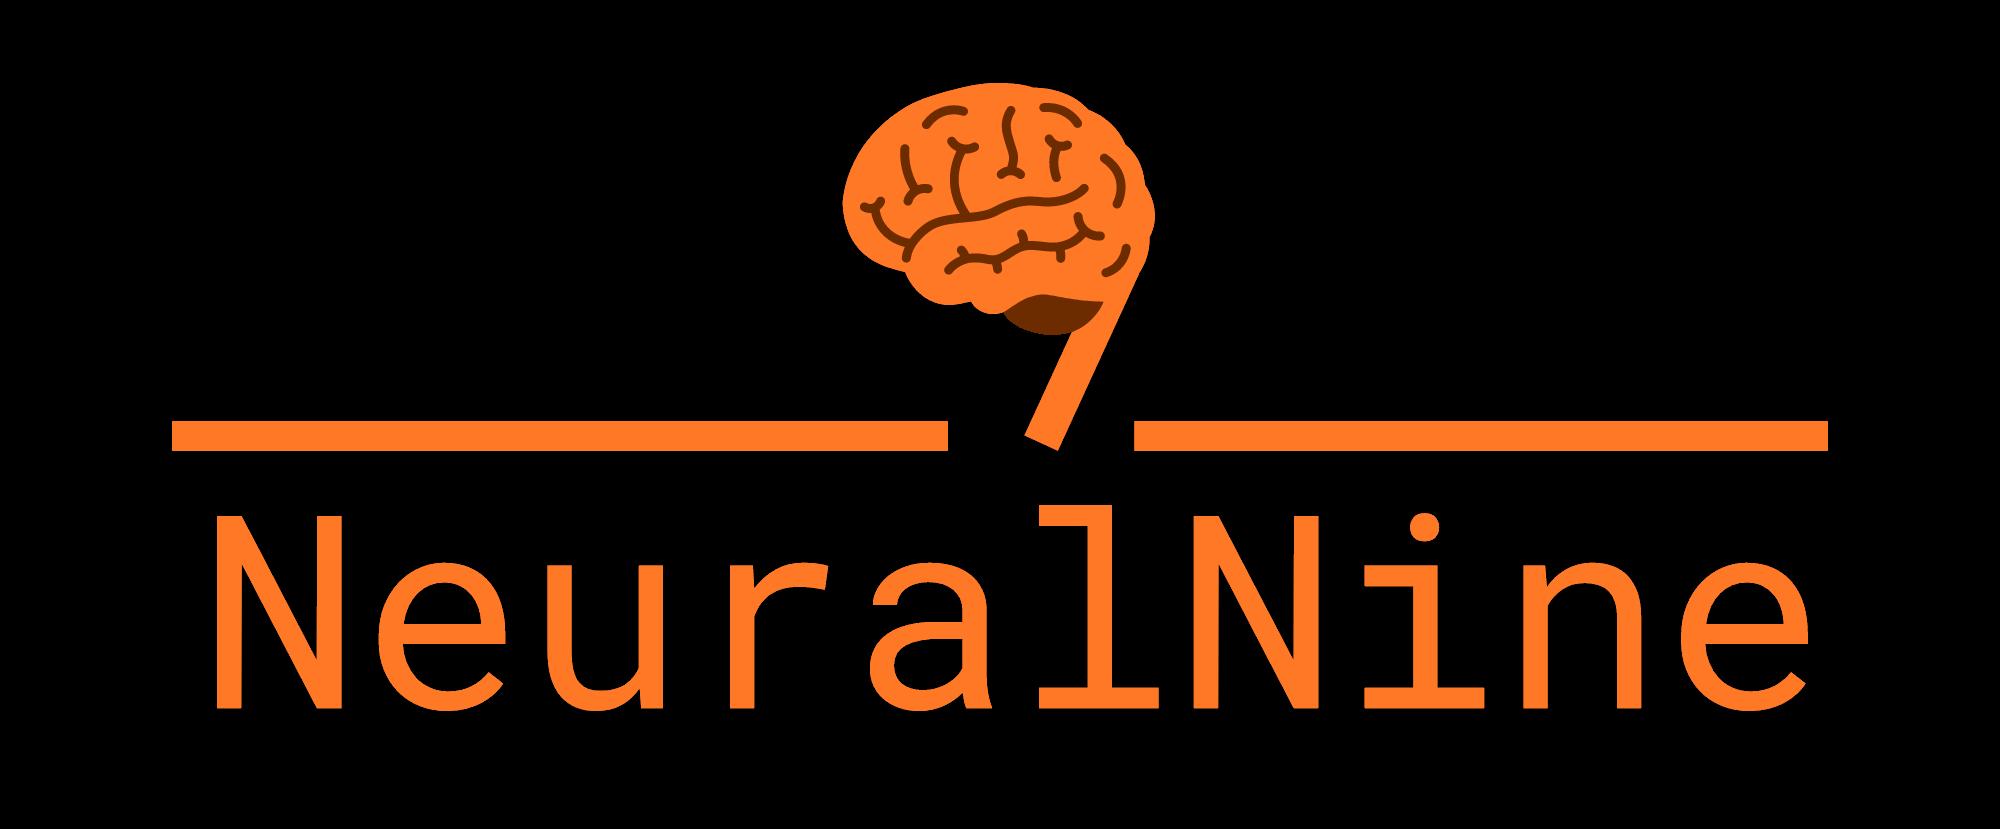 NeuralNine